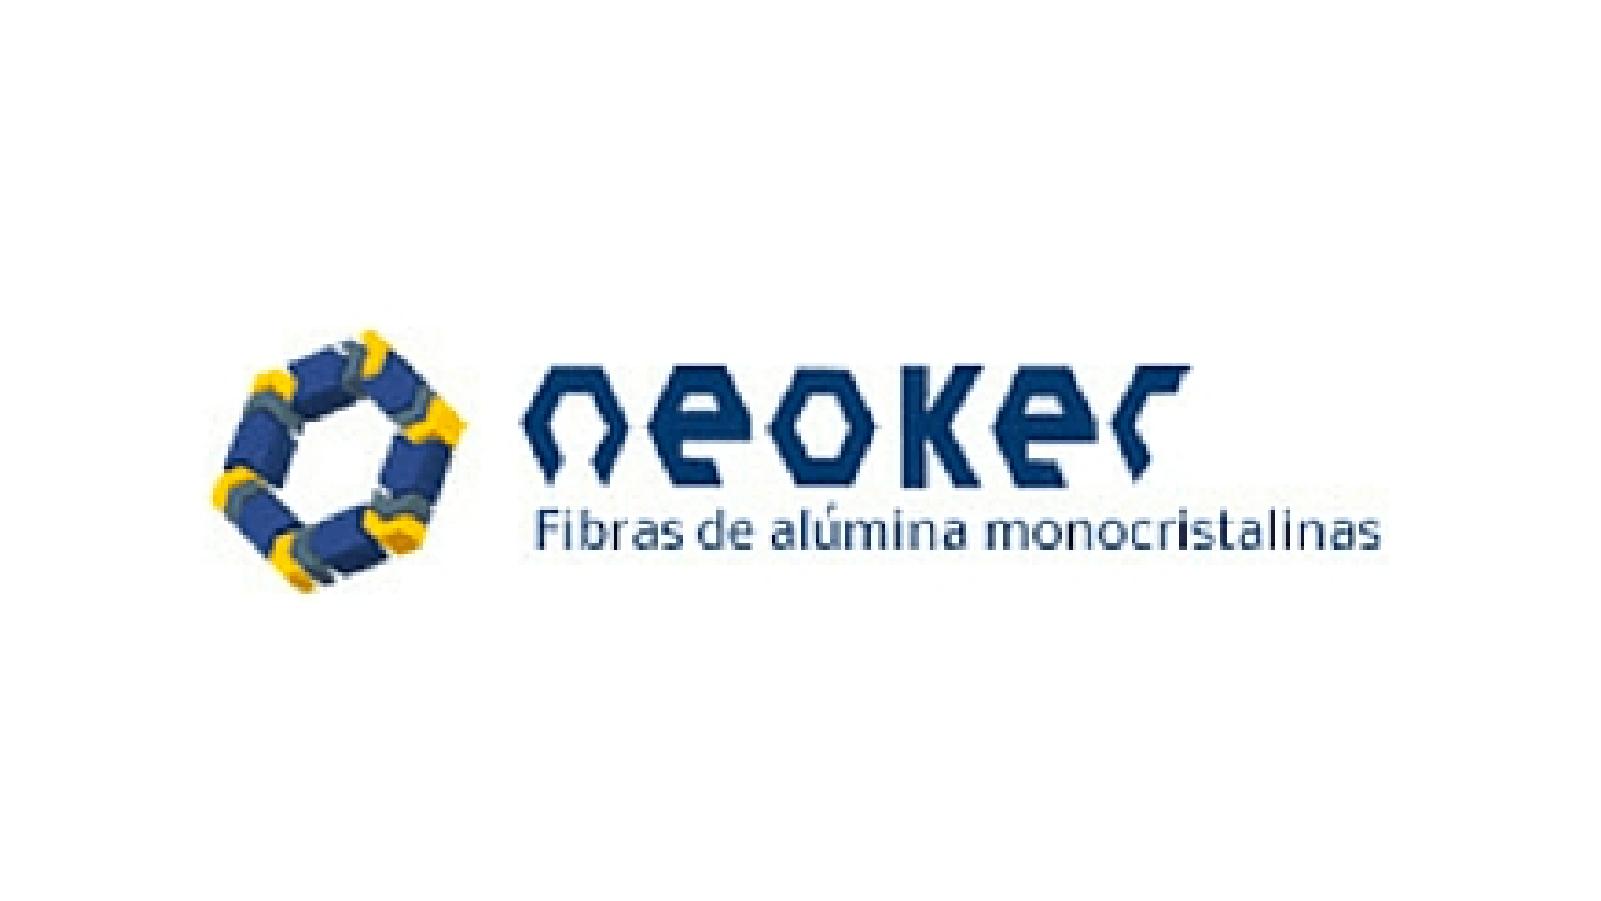 neoker